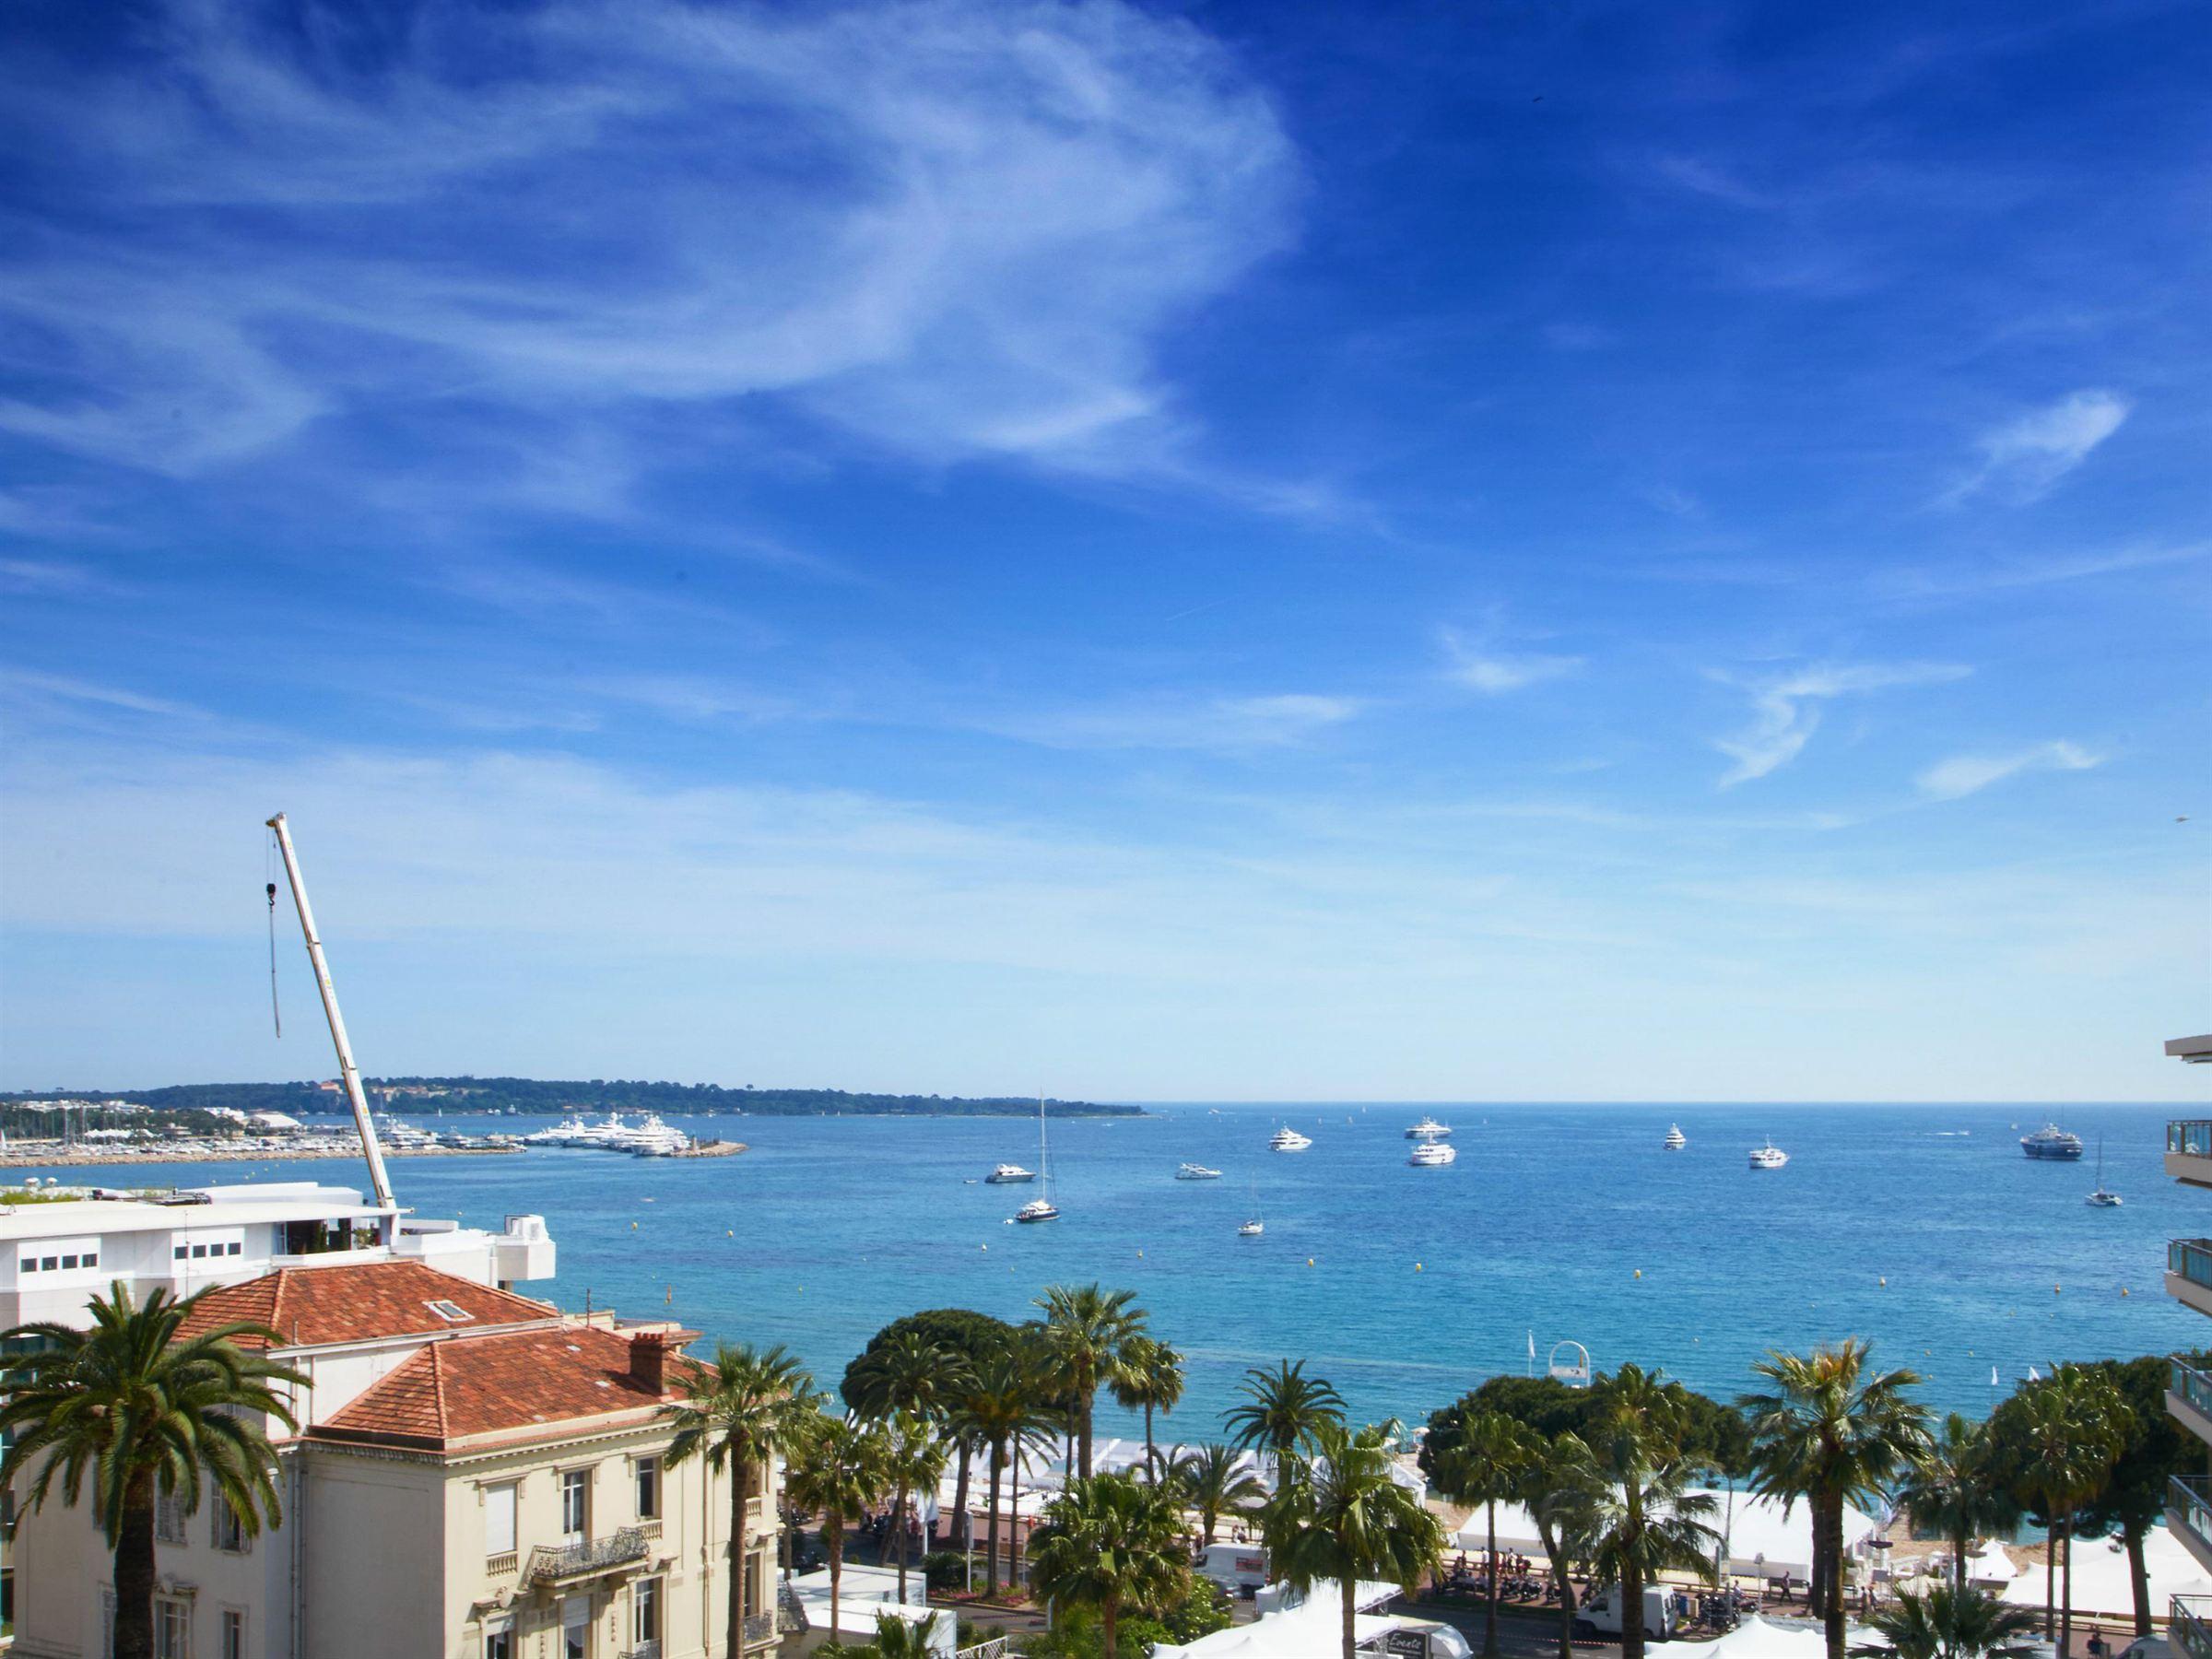 Apartamento por un Venta en La Croisette - 4 bedroomed apartment with amazing sea views Cannes, Provincia - Alpes - Costa Azul 06400 Francia